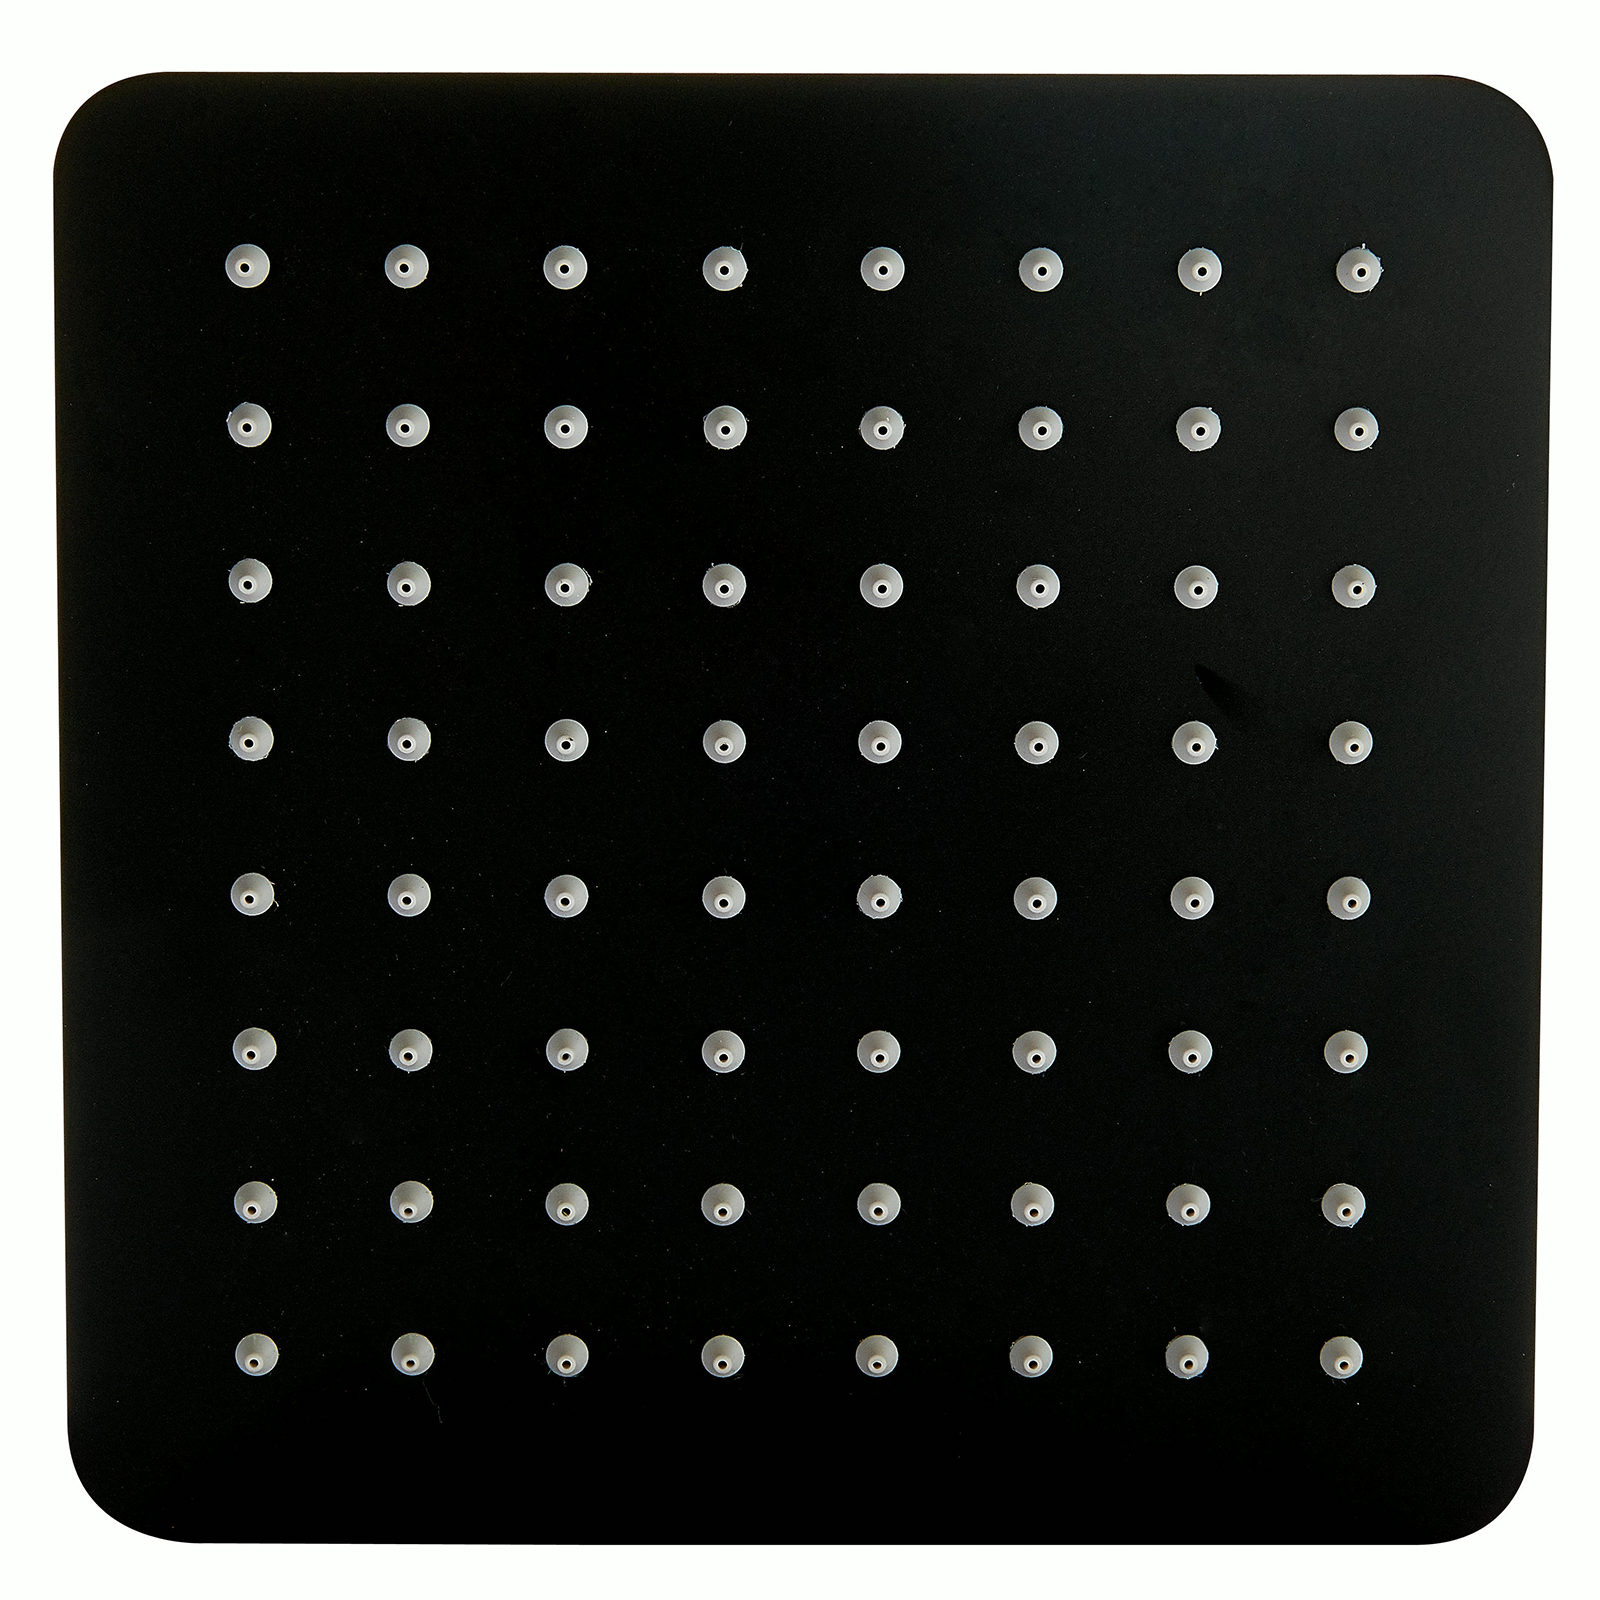 Quadratischer Duschkopf schwarz aus Edelstahl